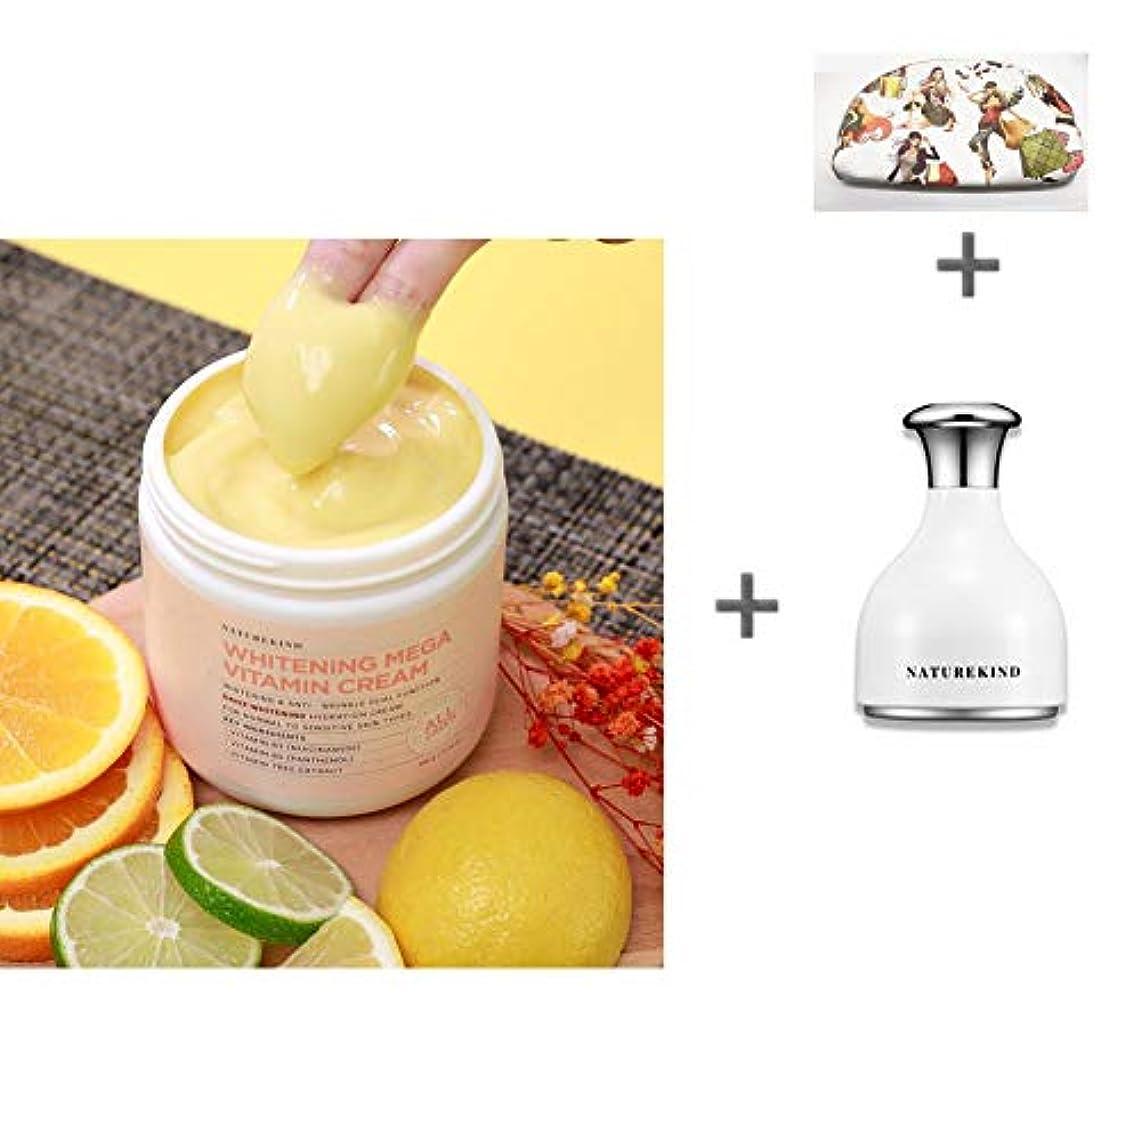 あらゆる種類の患者シリンダー[ネイチャーカインド]美白ビタミンクリーム500gの大容量Vitamin Cream /全成分100%グリーン評価/敏感肌にも安心/トンオプ/保湿/くすみ除去/美白クリーム [海外直送品][並行輸入品] (クリーム+クーリングスティック)